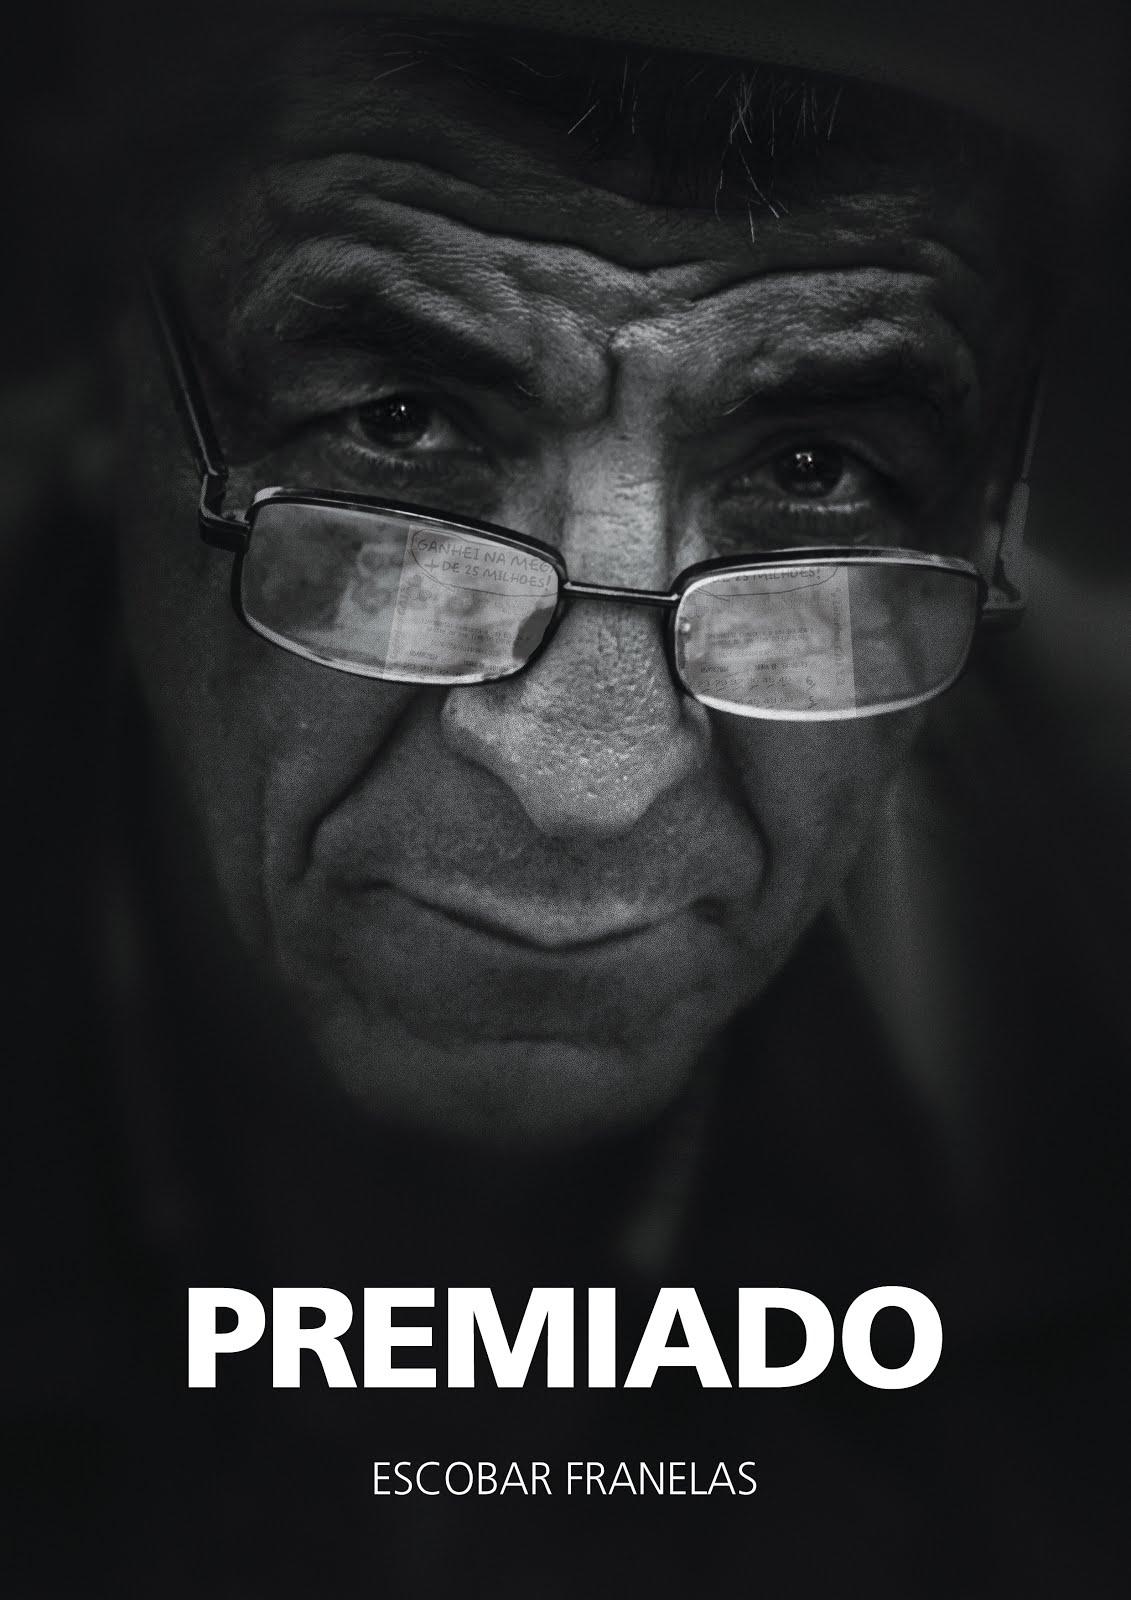 Premiado